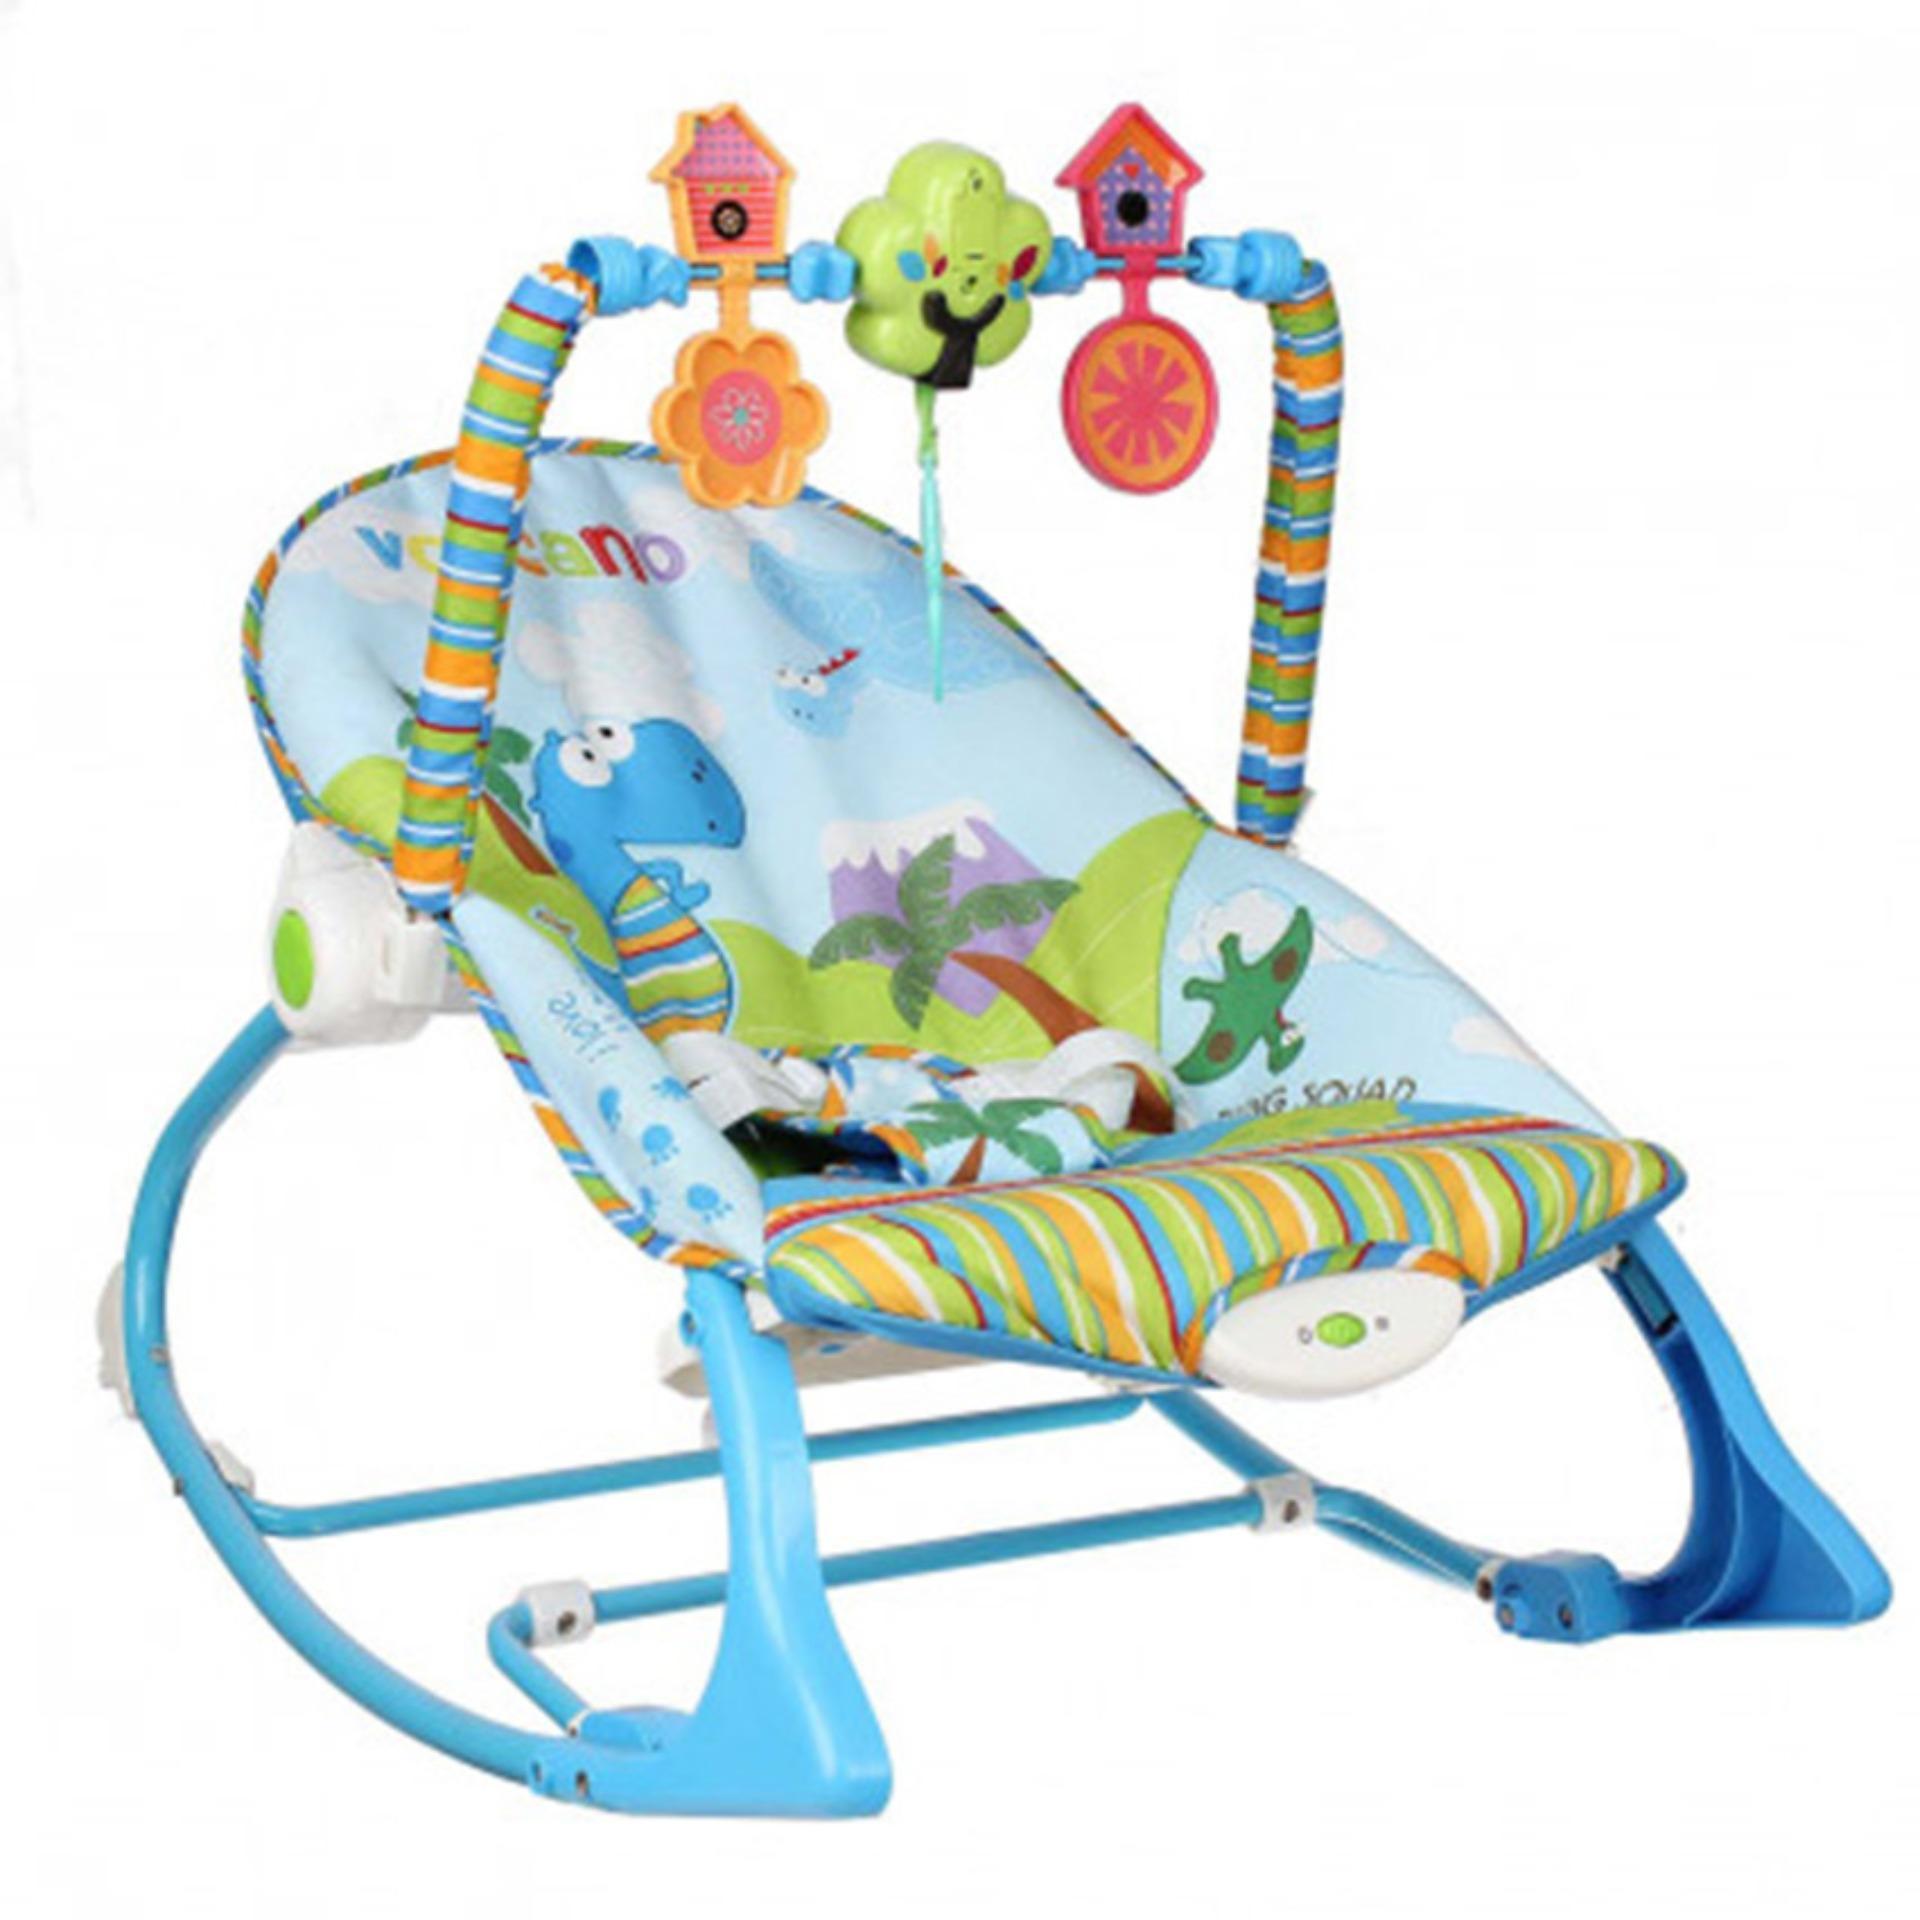 Ghế Nằm Dành Cho Trẻ Em Konig Kids Kk63562 - Dạng Rung Có Nhạc Và Thanh đồ Chơi Vận động By Lazada Retail Mastela.